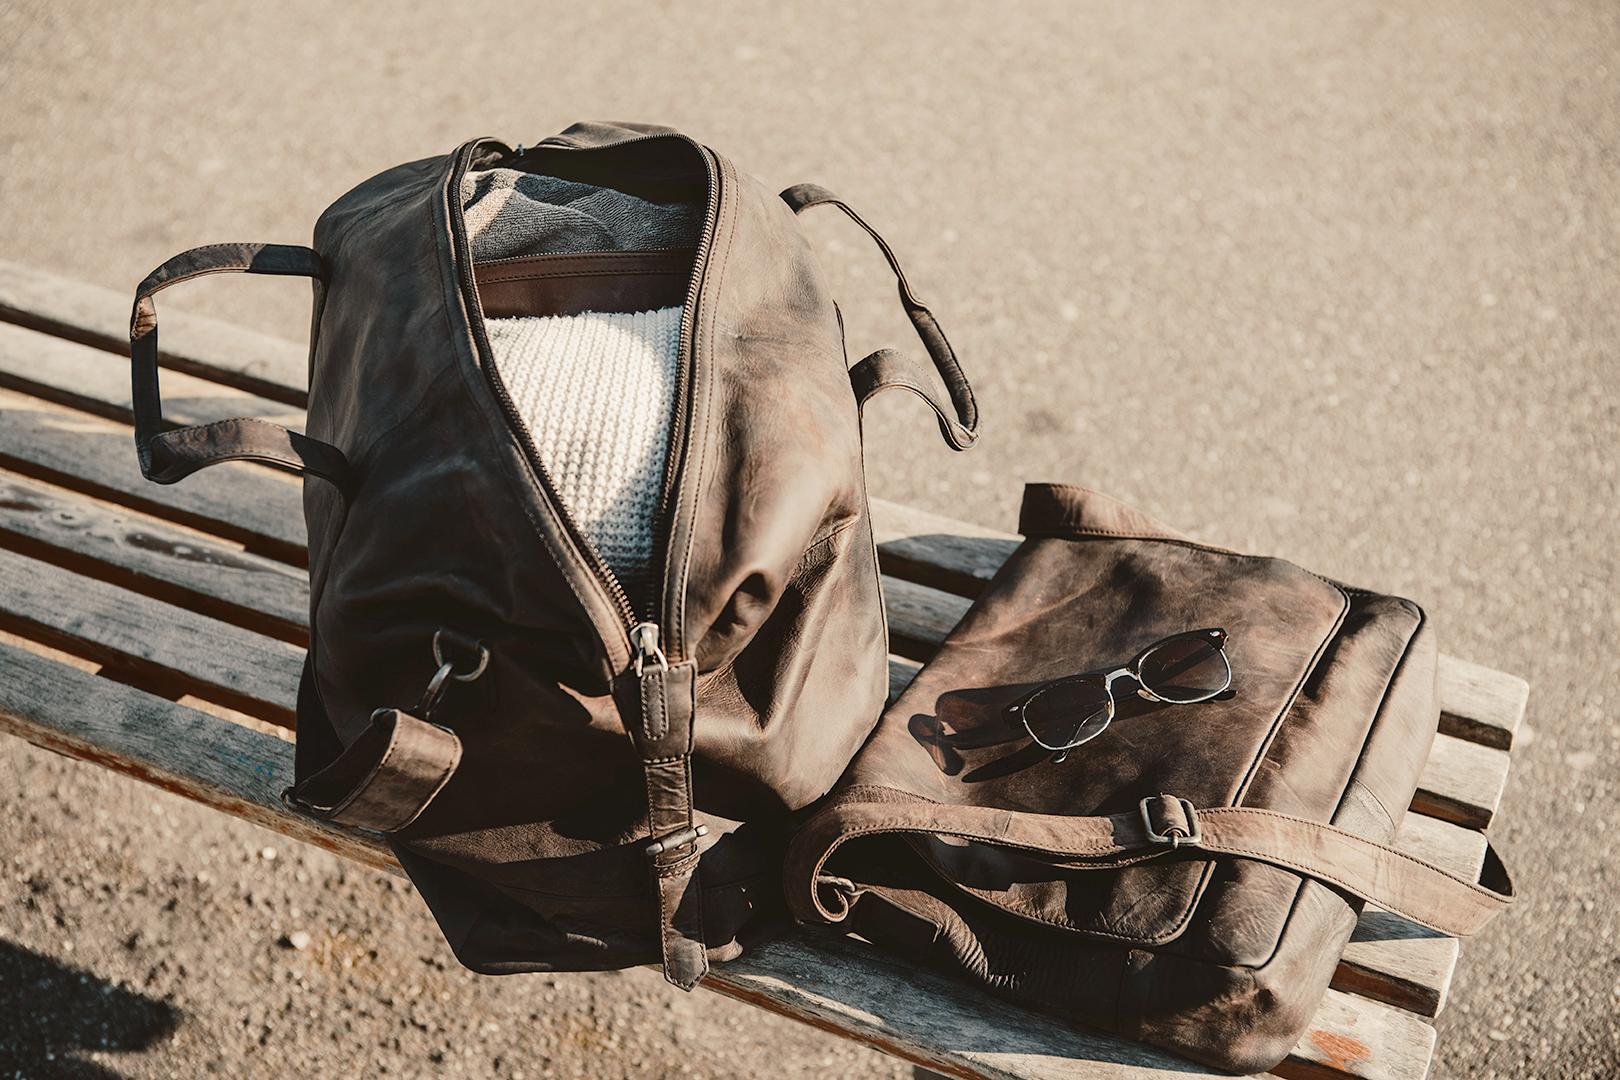 Rustik rejsetaske til mænd og kvinder i vegetabilsk garvet læder flot og enkelt dansk design fra Birkmond weekendtaske i læder praktisk design taskebutik i Aarhus Latinerkvarteret